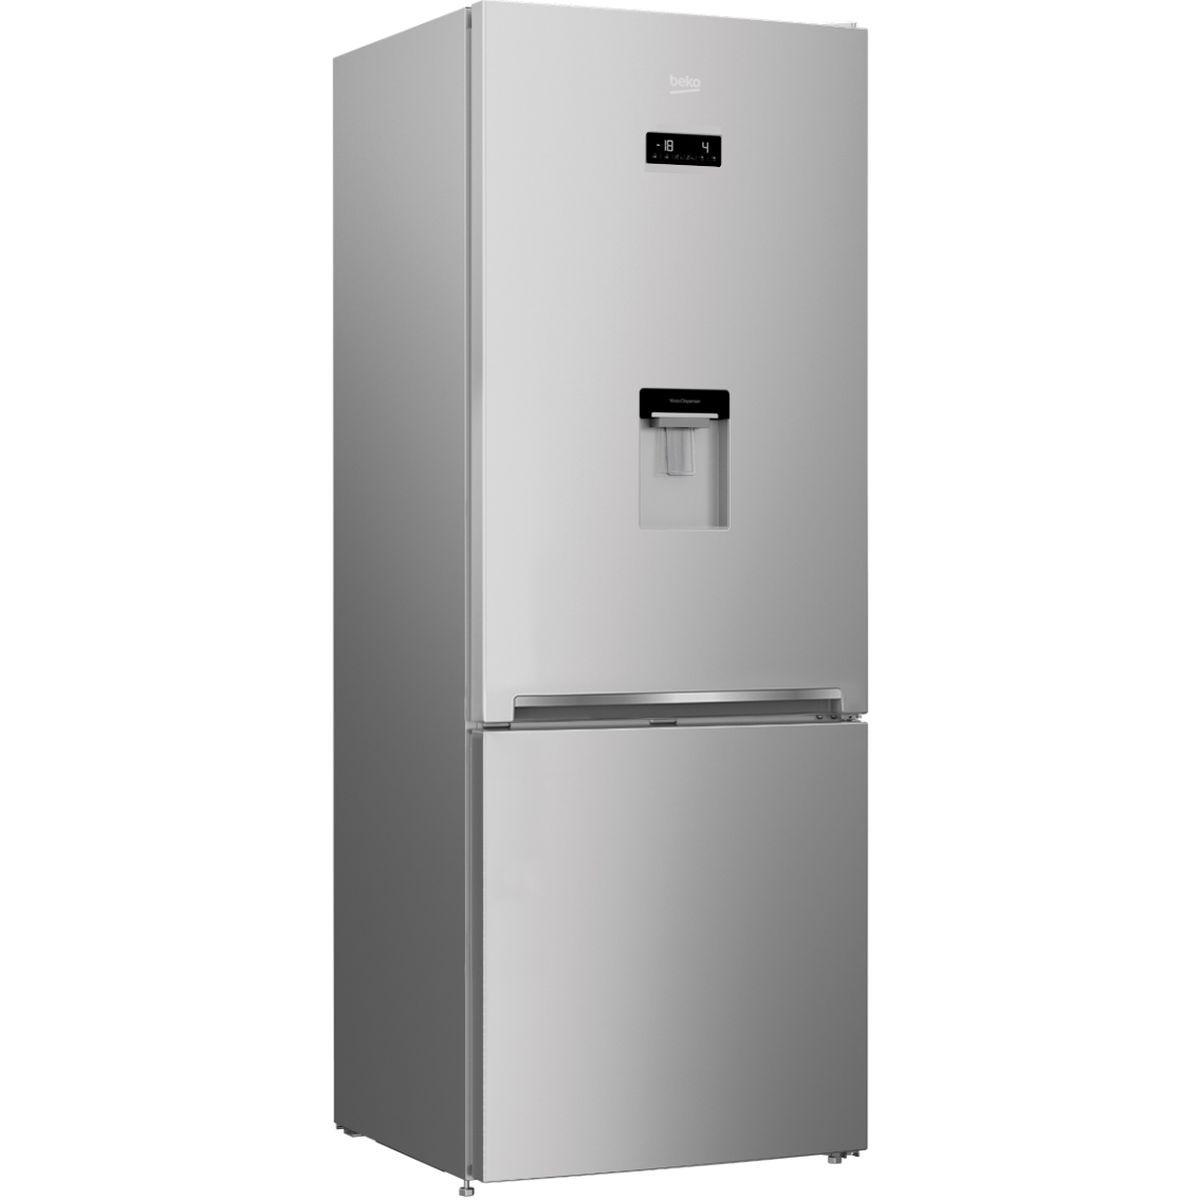 Réfrigérateur combiné RCNE560E40DSN, 497 L, NeoFrost